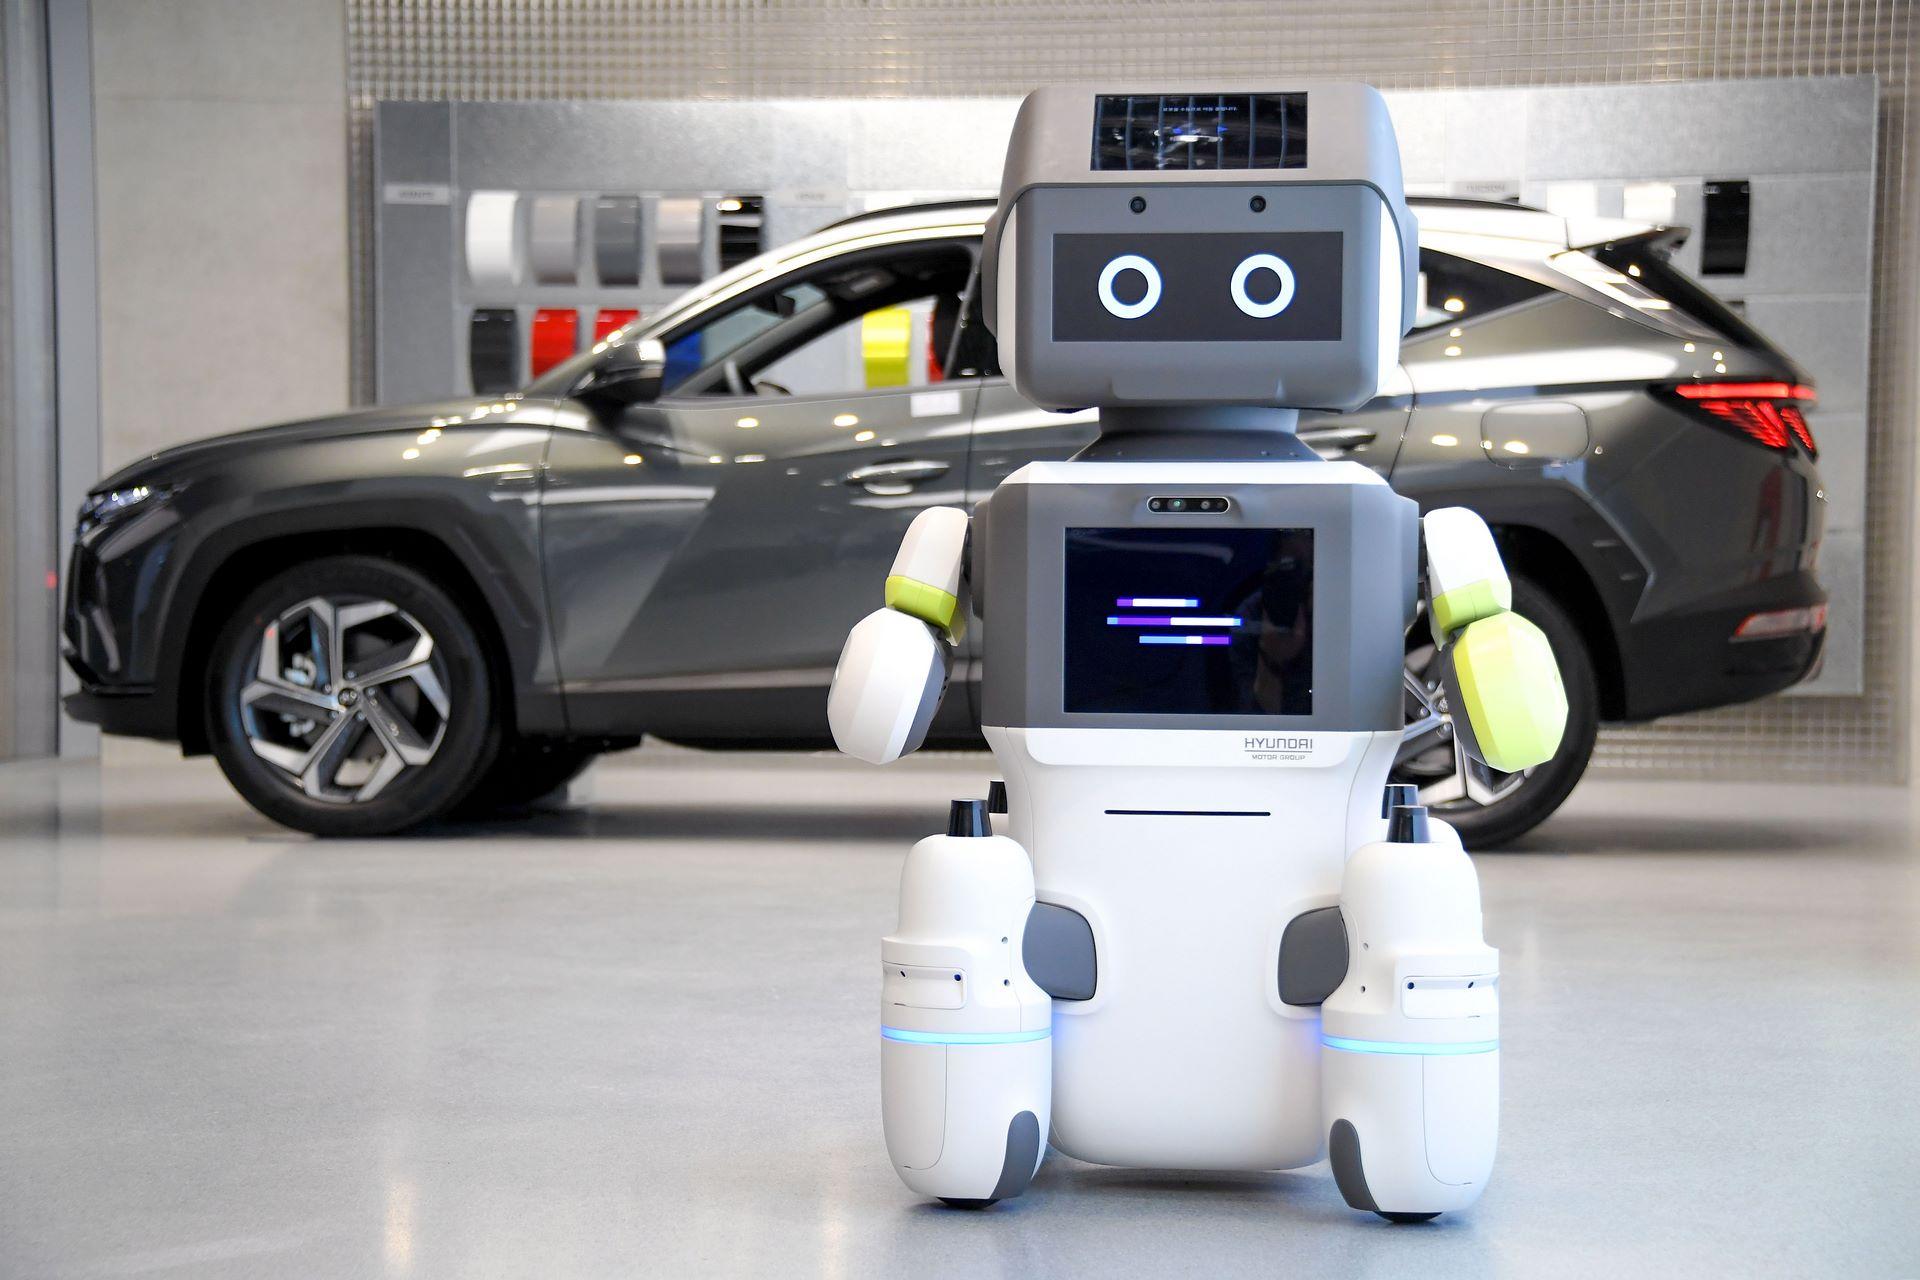 Hyundai-DAL-e-robot-1